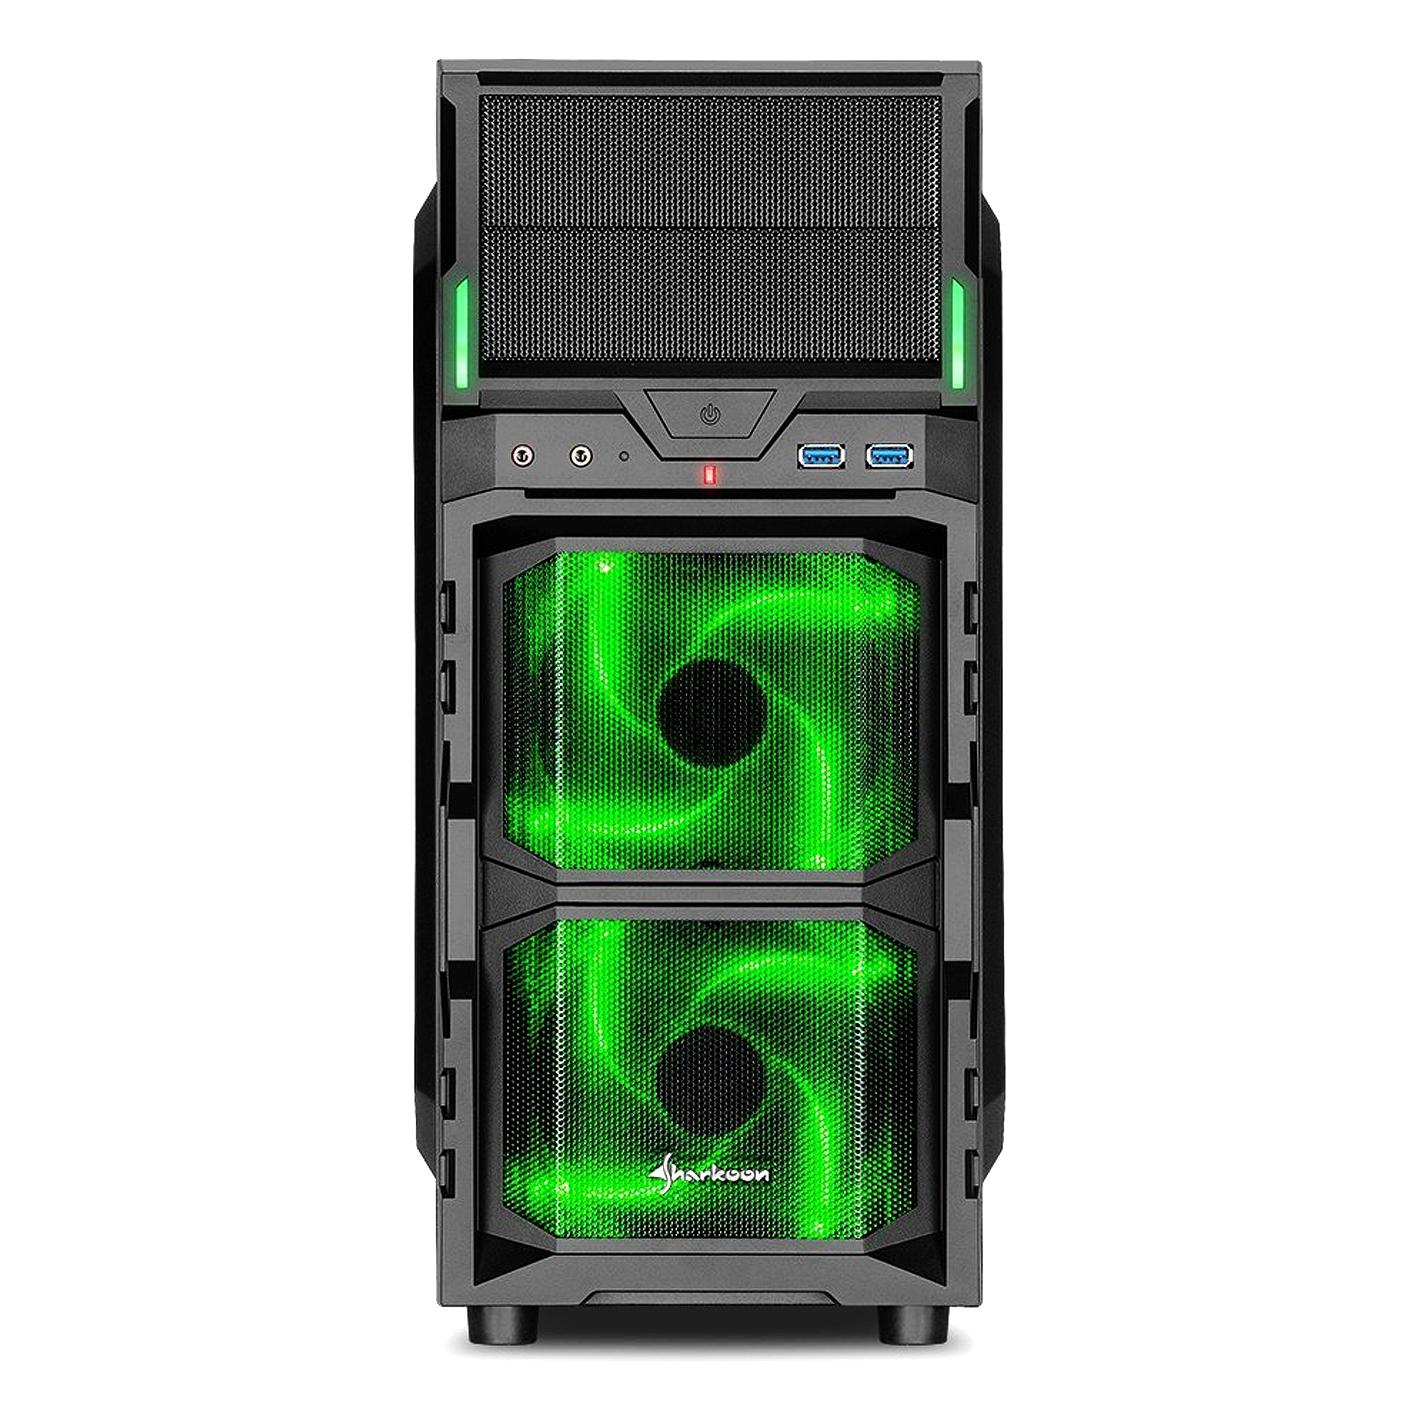 Pc Gehuse Sharkoon Dg7000 G Green Atx